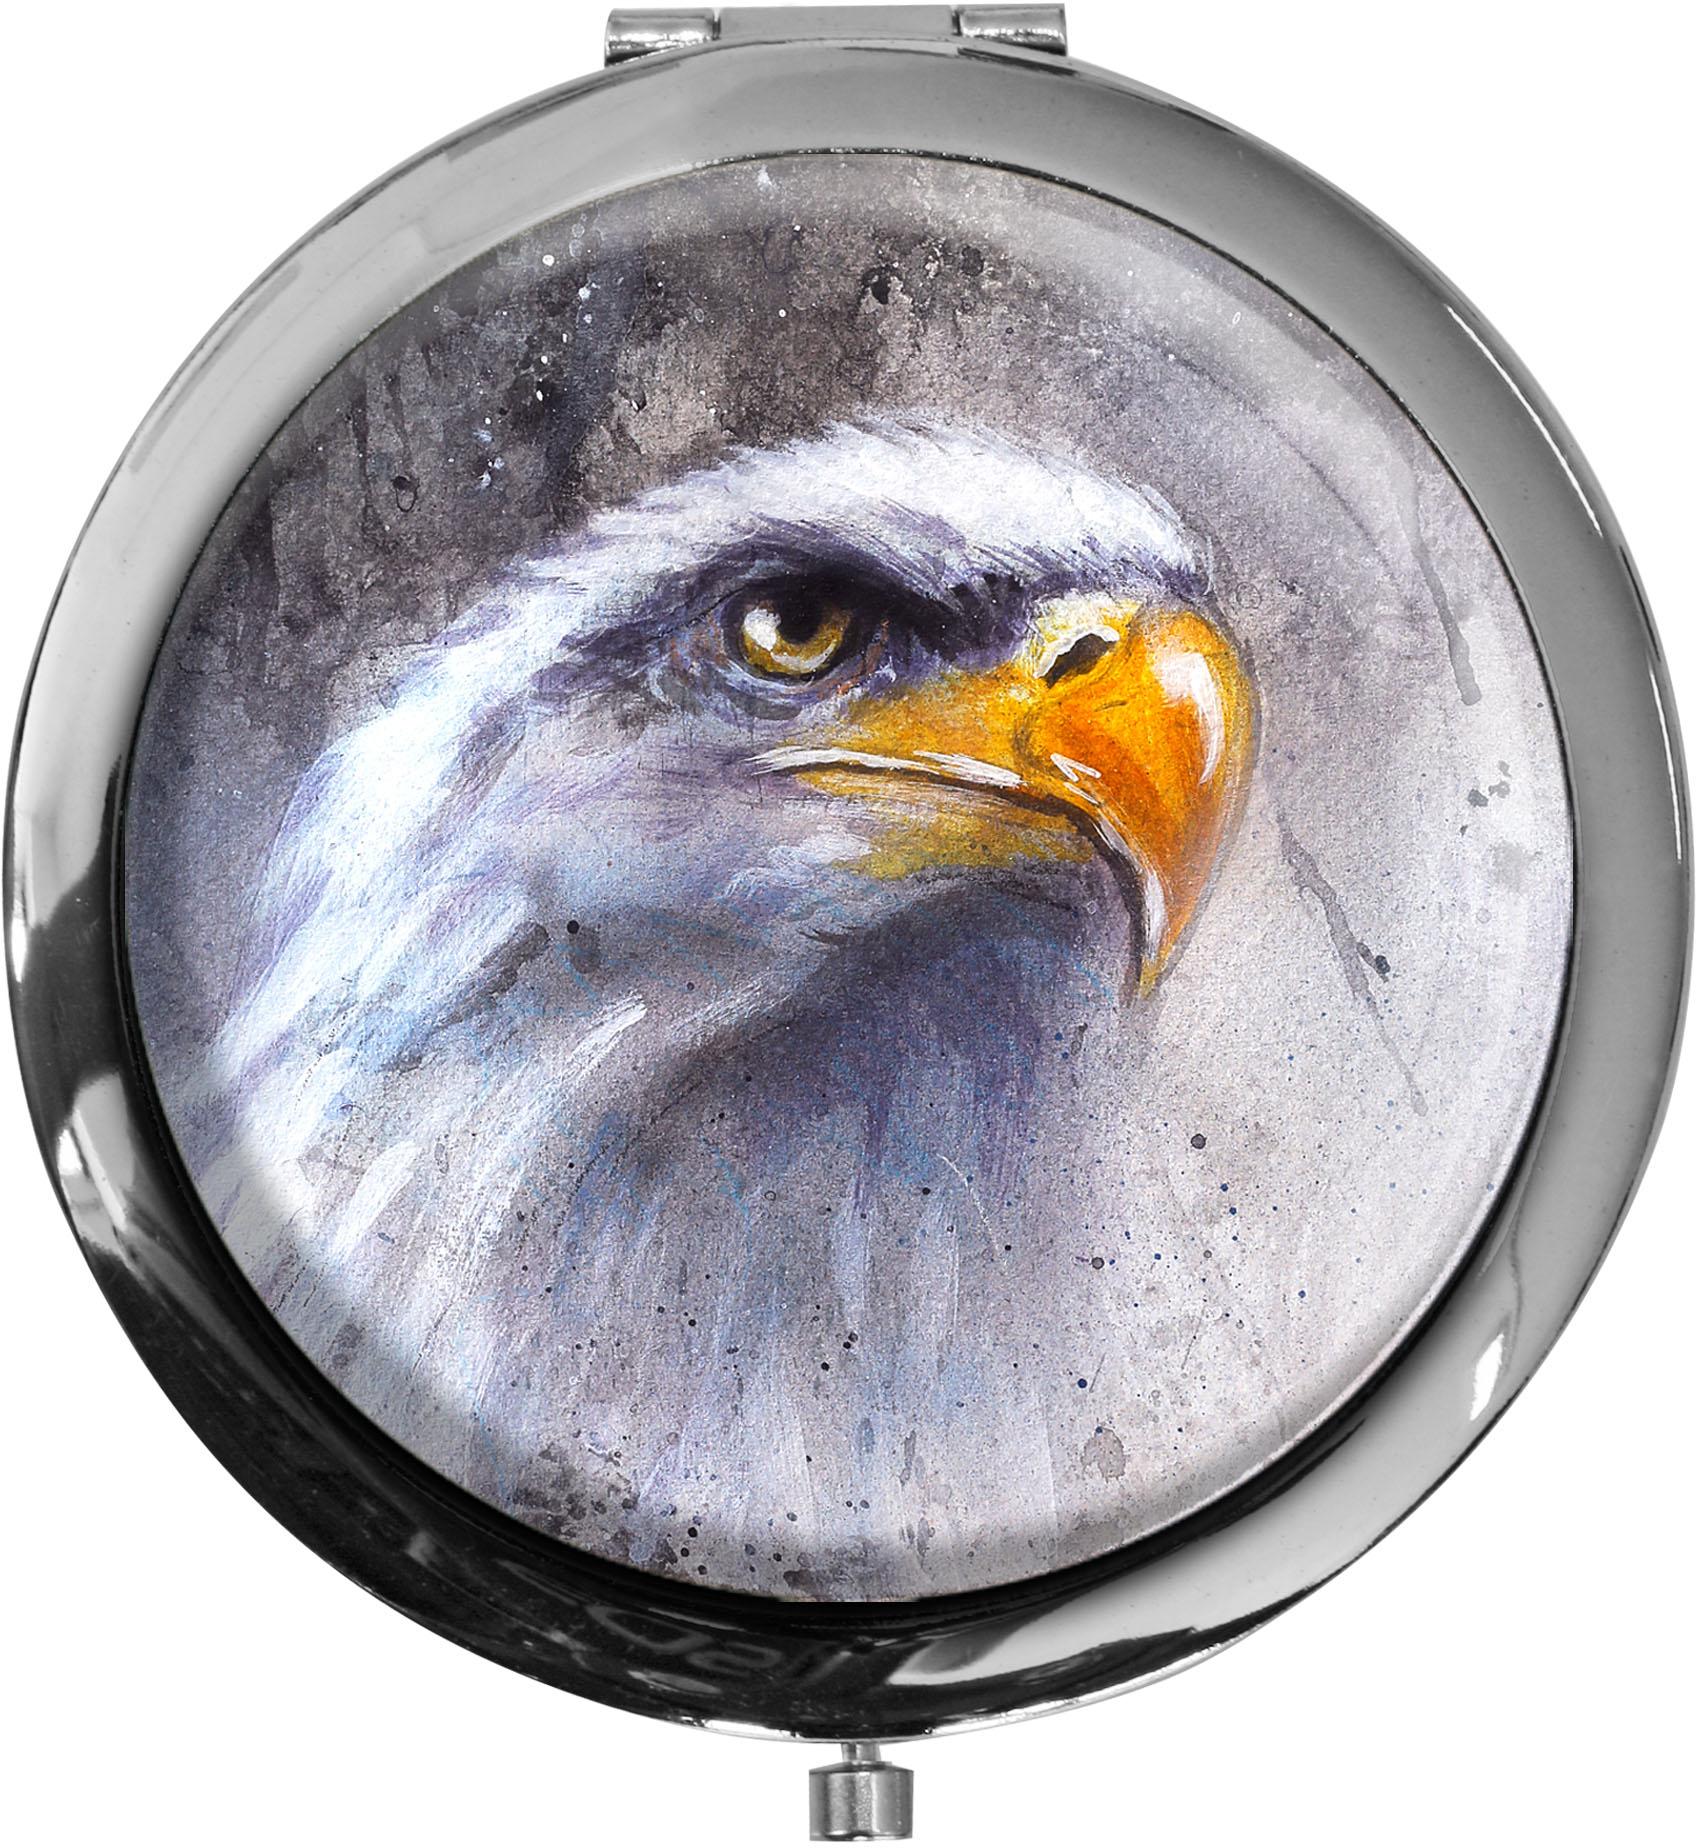 Pillendose XXL / Adler / Weißkopfseeadler / Raubvogel